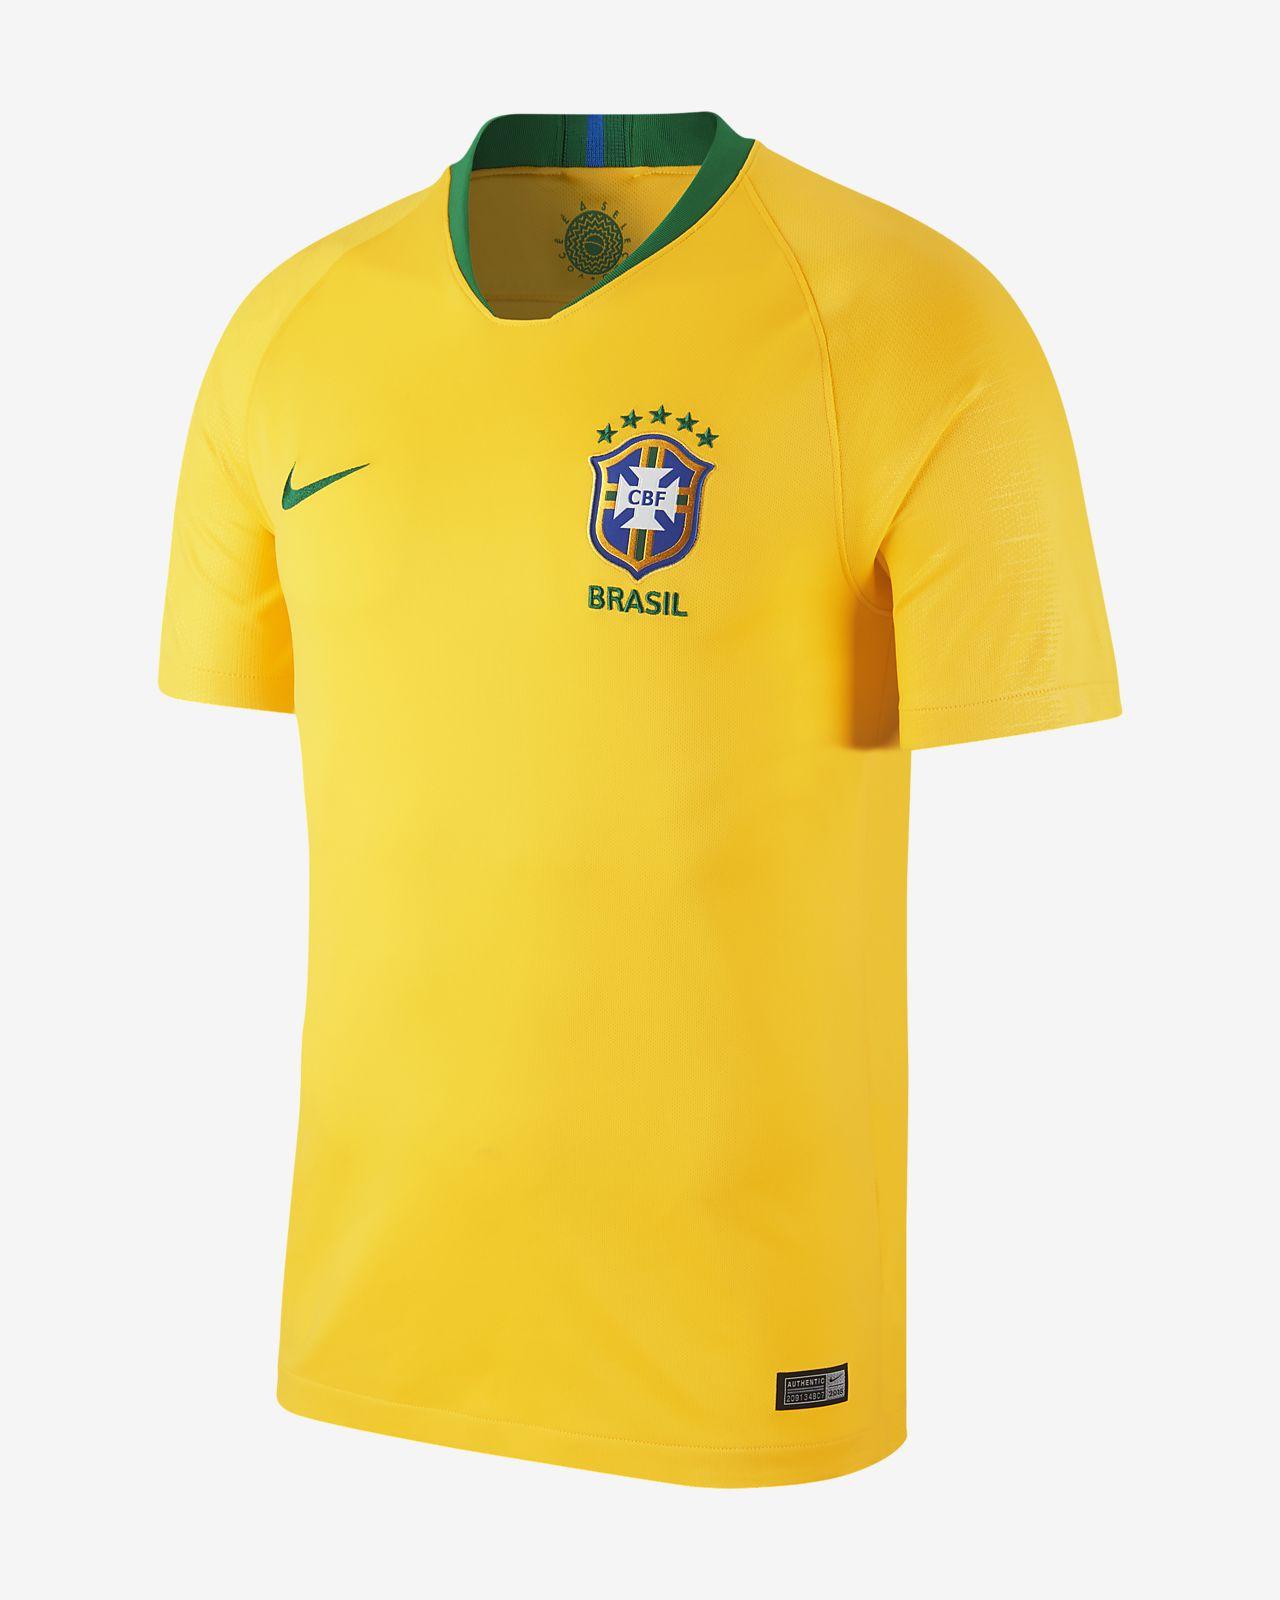 2018 ブラジル CBF スタジアム ホーム メンズ サッカージャージー